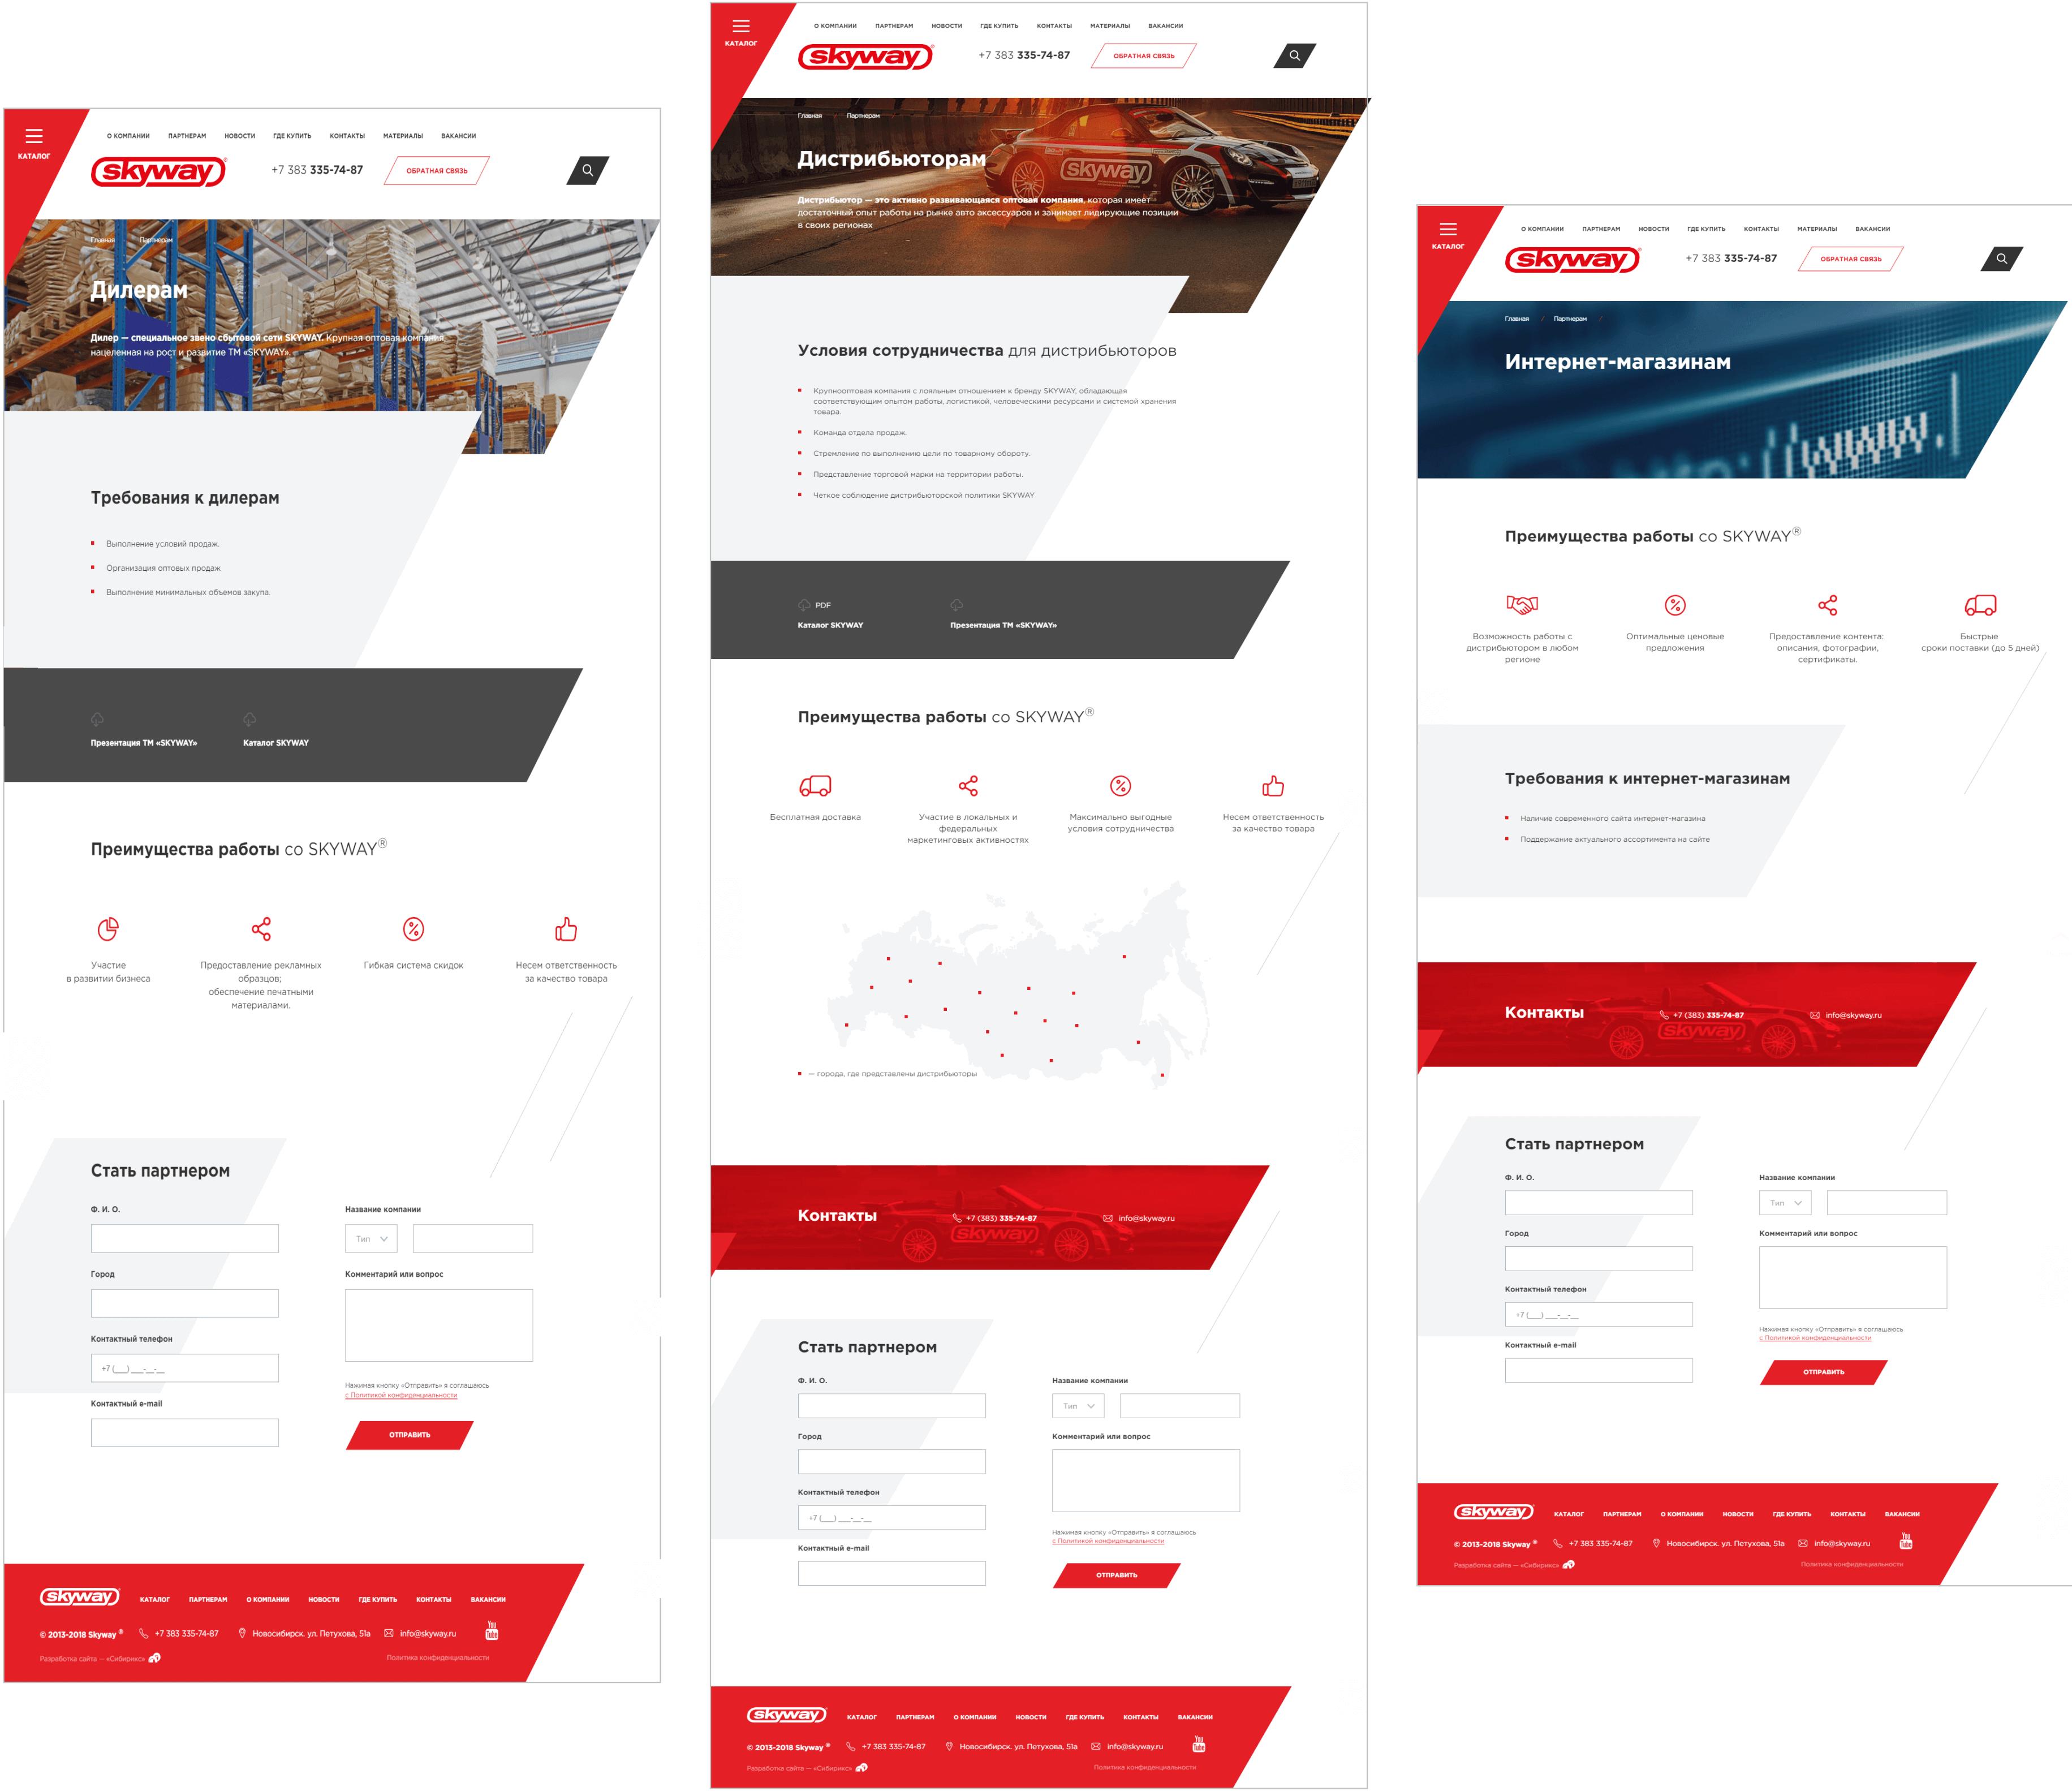 <p>Для каждого типа партнёрства мыотрисовали свою страничку, где пользователи могут подробнее узнать обусловиях сотрудничества иоформить заявку через встроенную форму.</p>